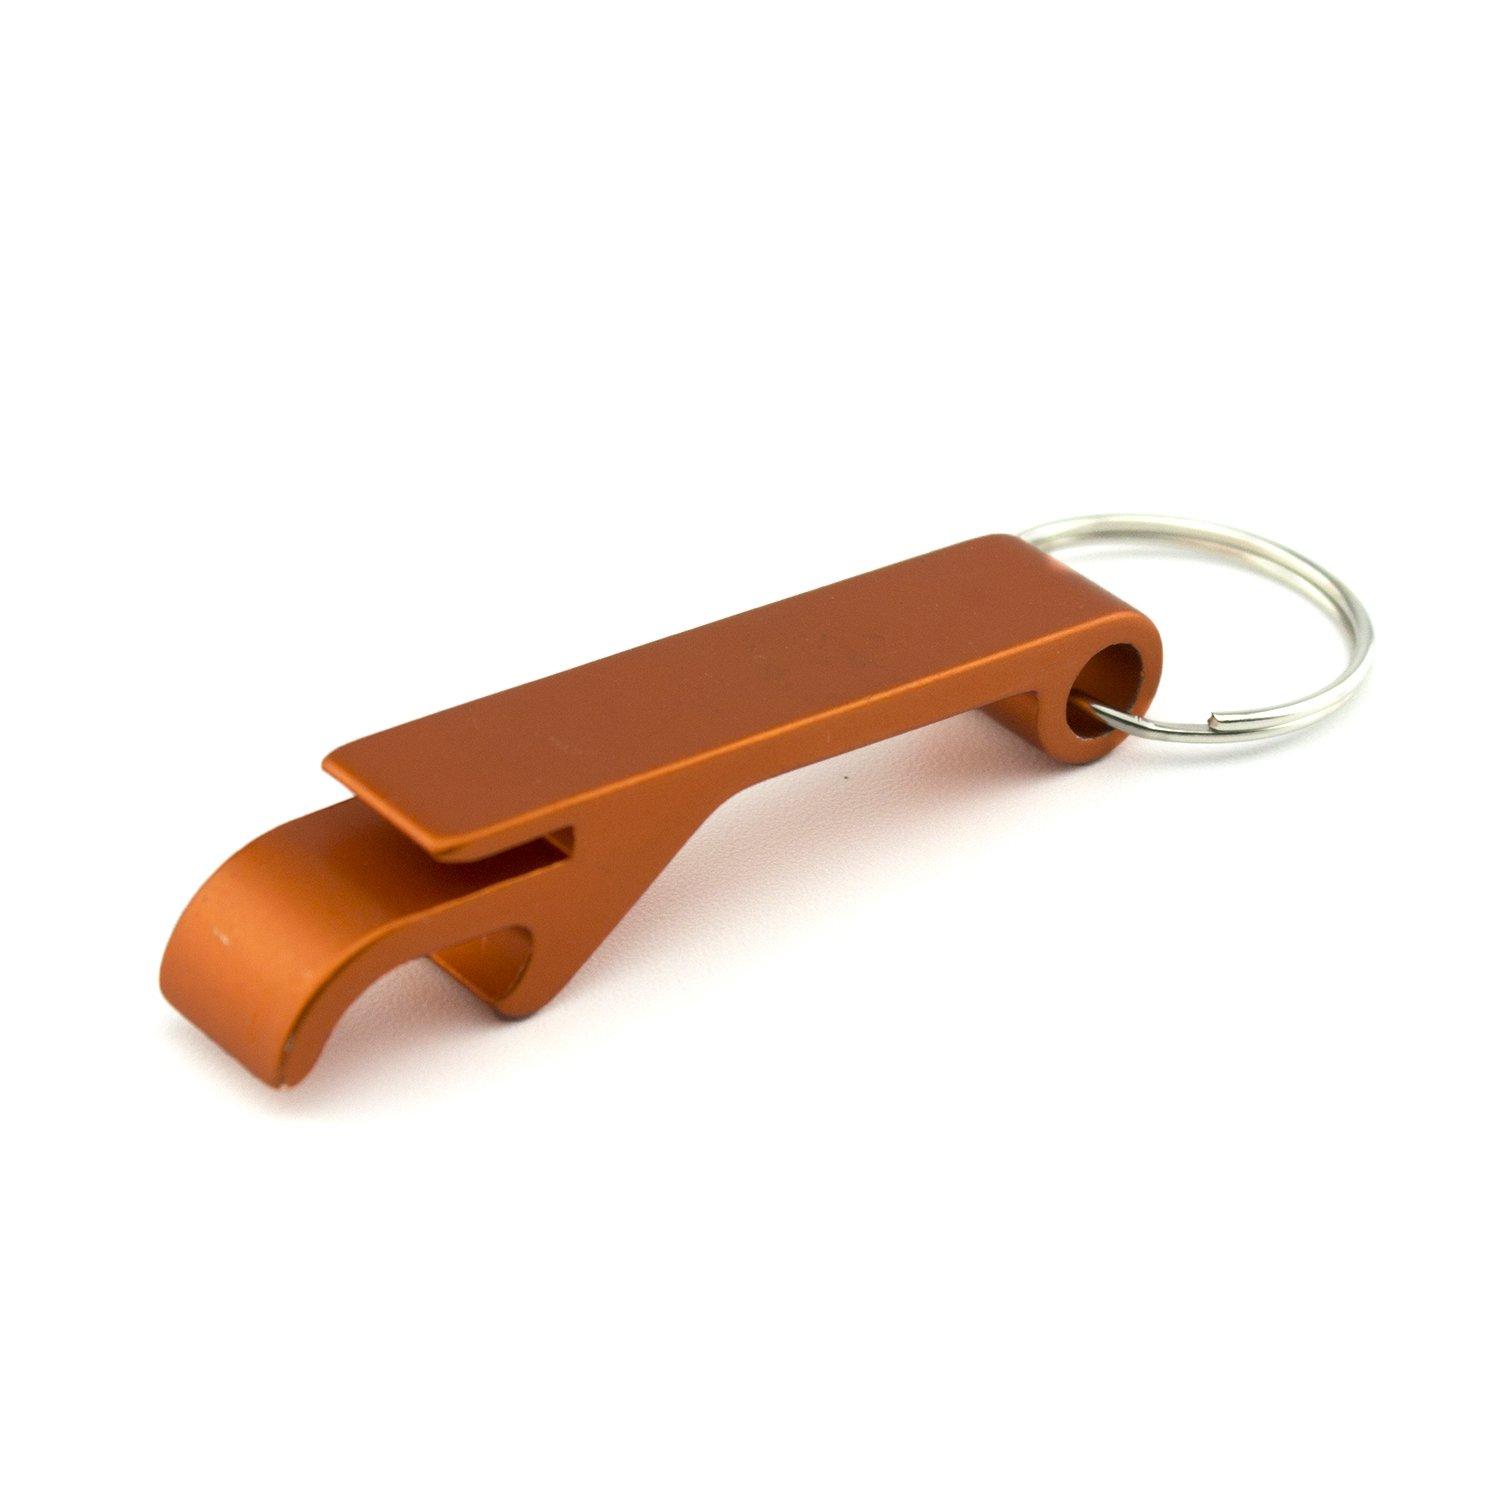 Swatom Classic Solid Aluminum Bottle Opener Keychain, Pocket Beer Bottle Opener, 1 Piece